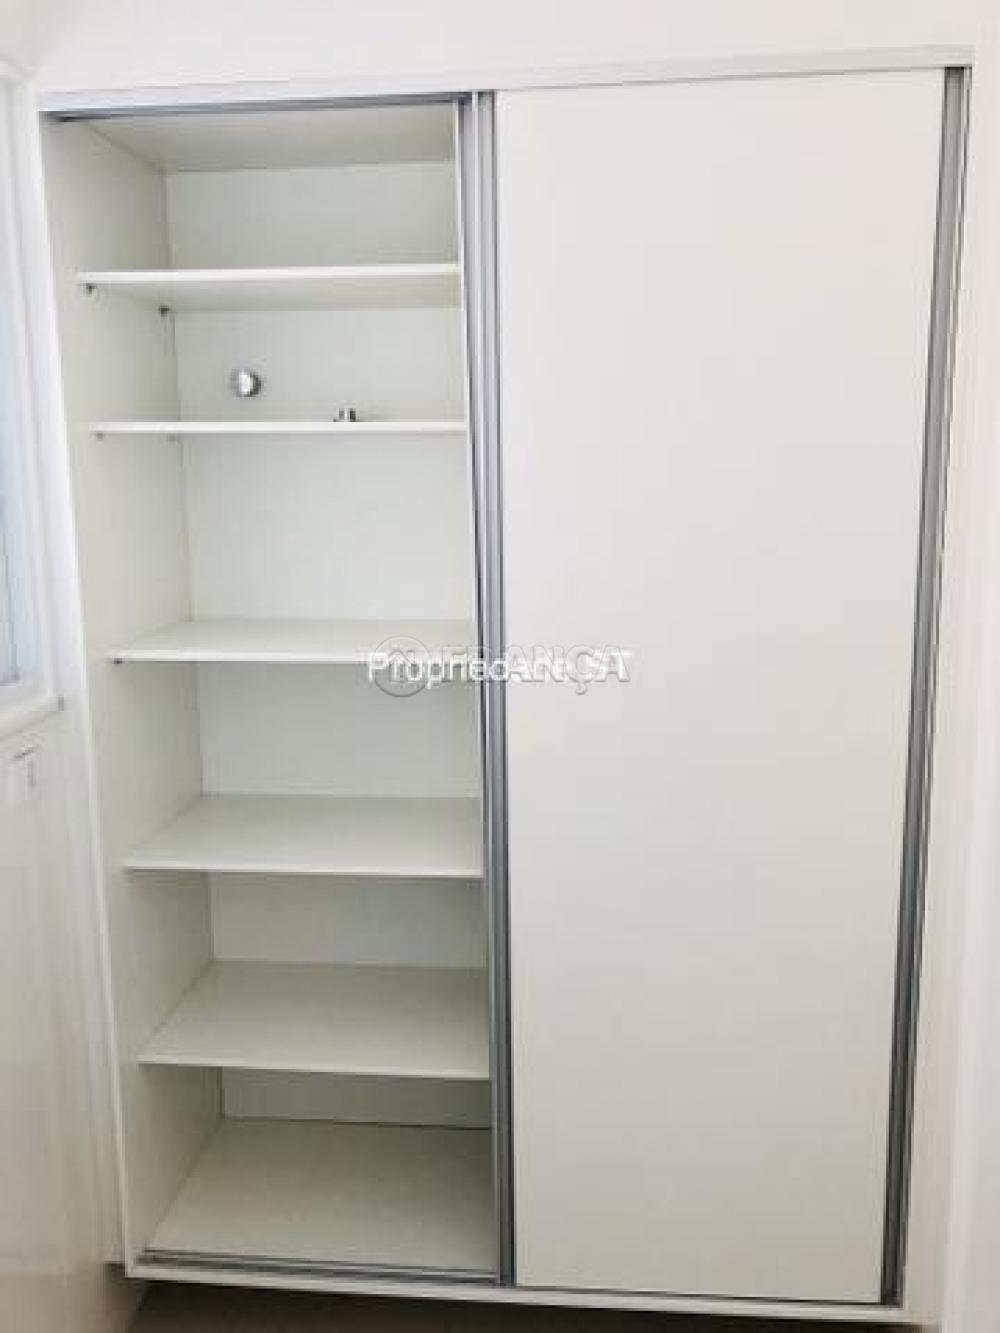 Alugar Apartamento / Padrão em São José dos Campos apenas R$ 2.750,00 - Foto 10